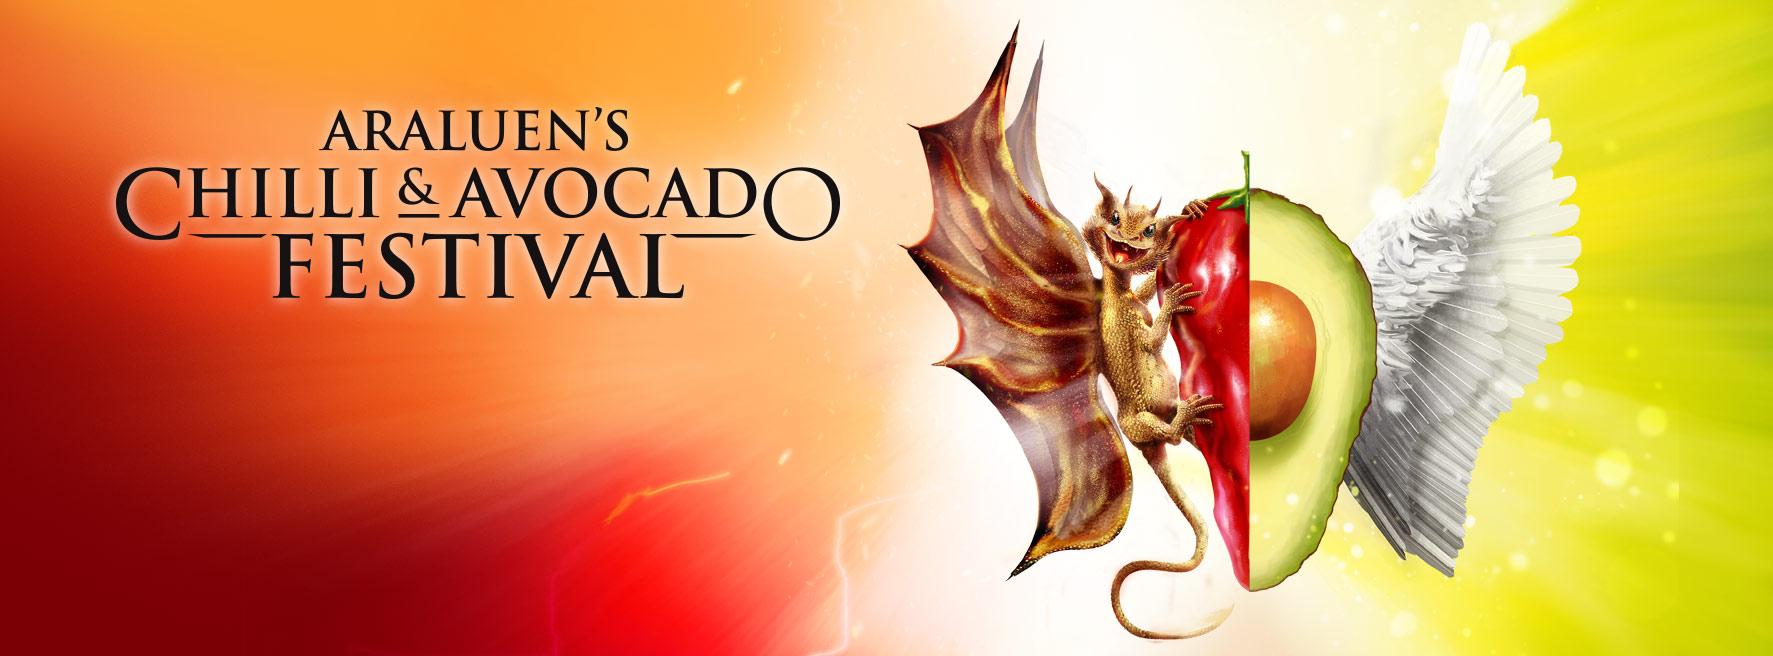 Aaluen's Chilli & Avocado Festival